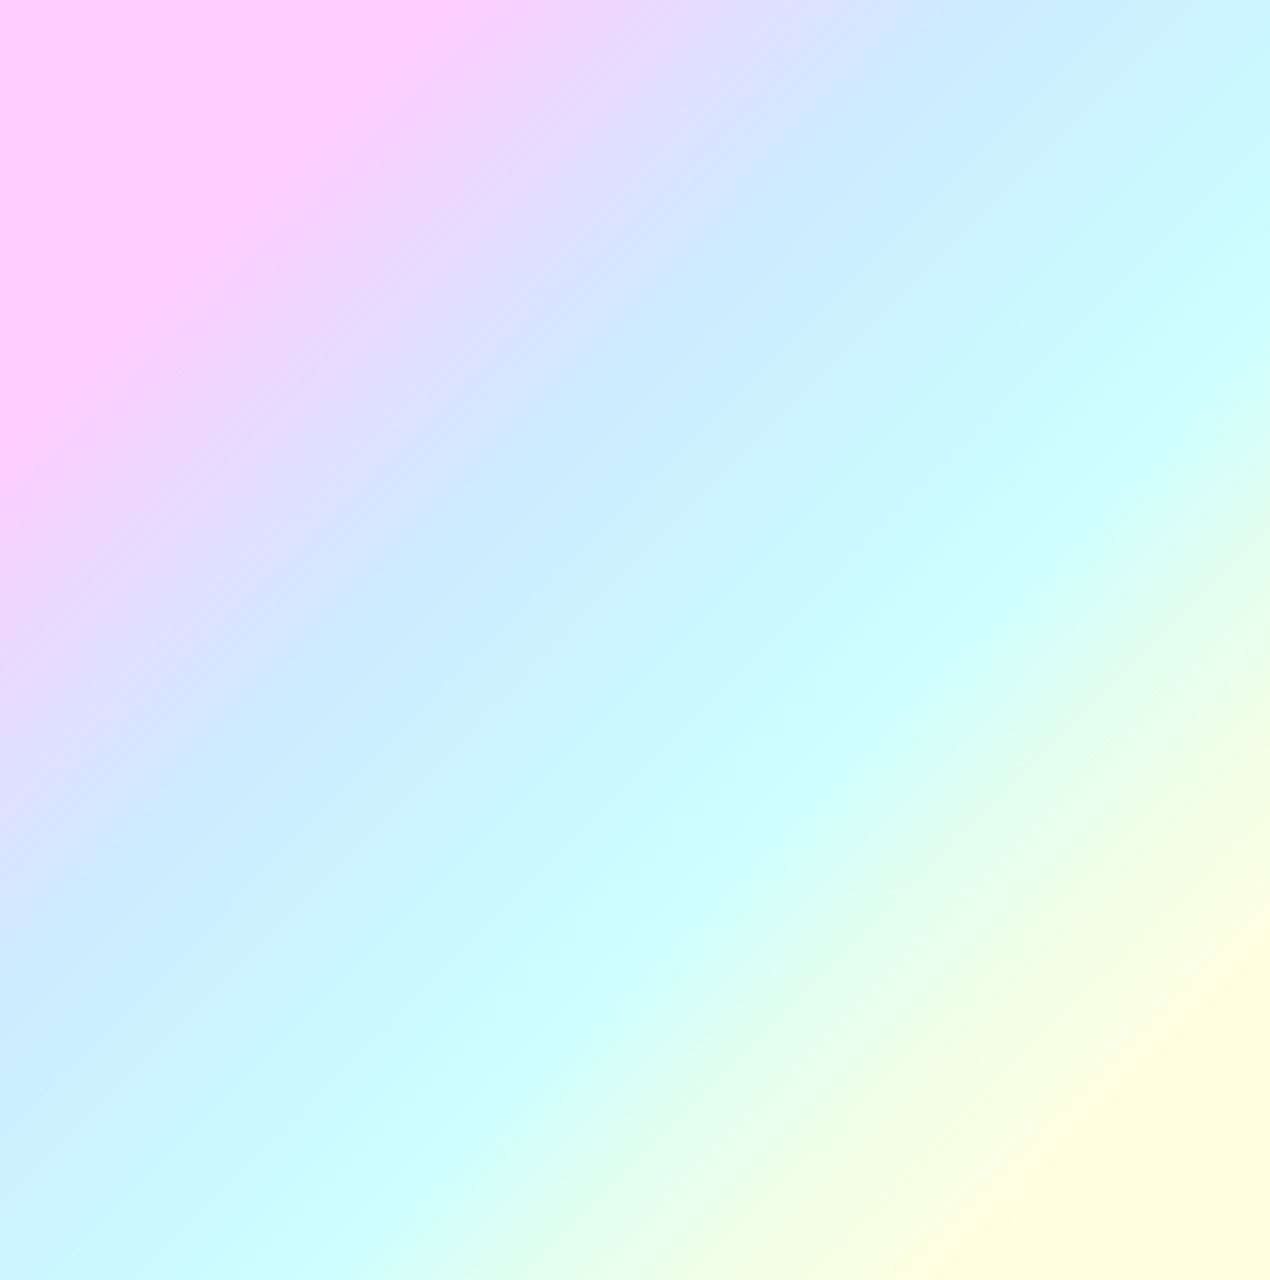 начале картинки бледные цвета внутренней стороне крышки